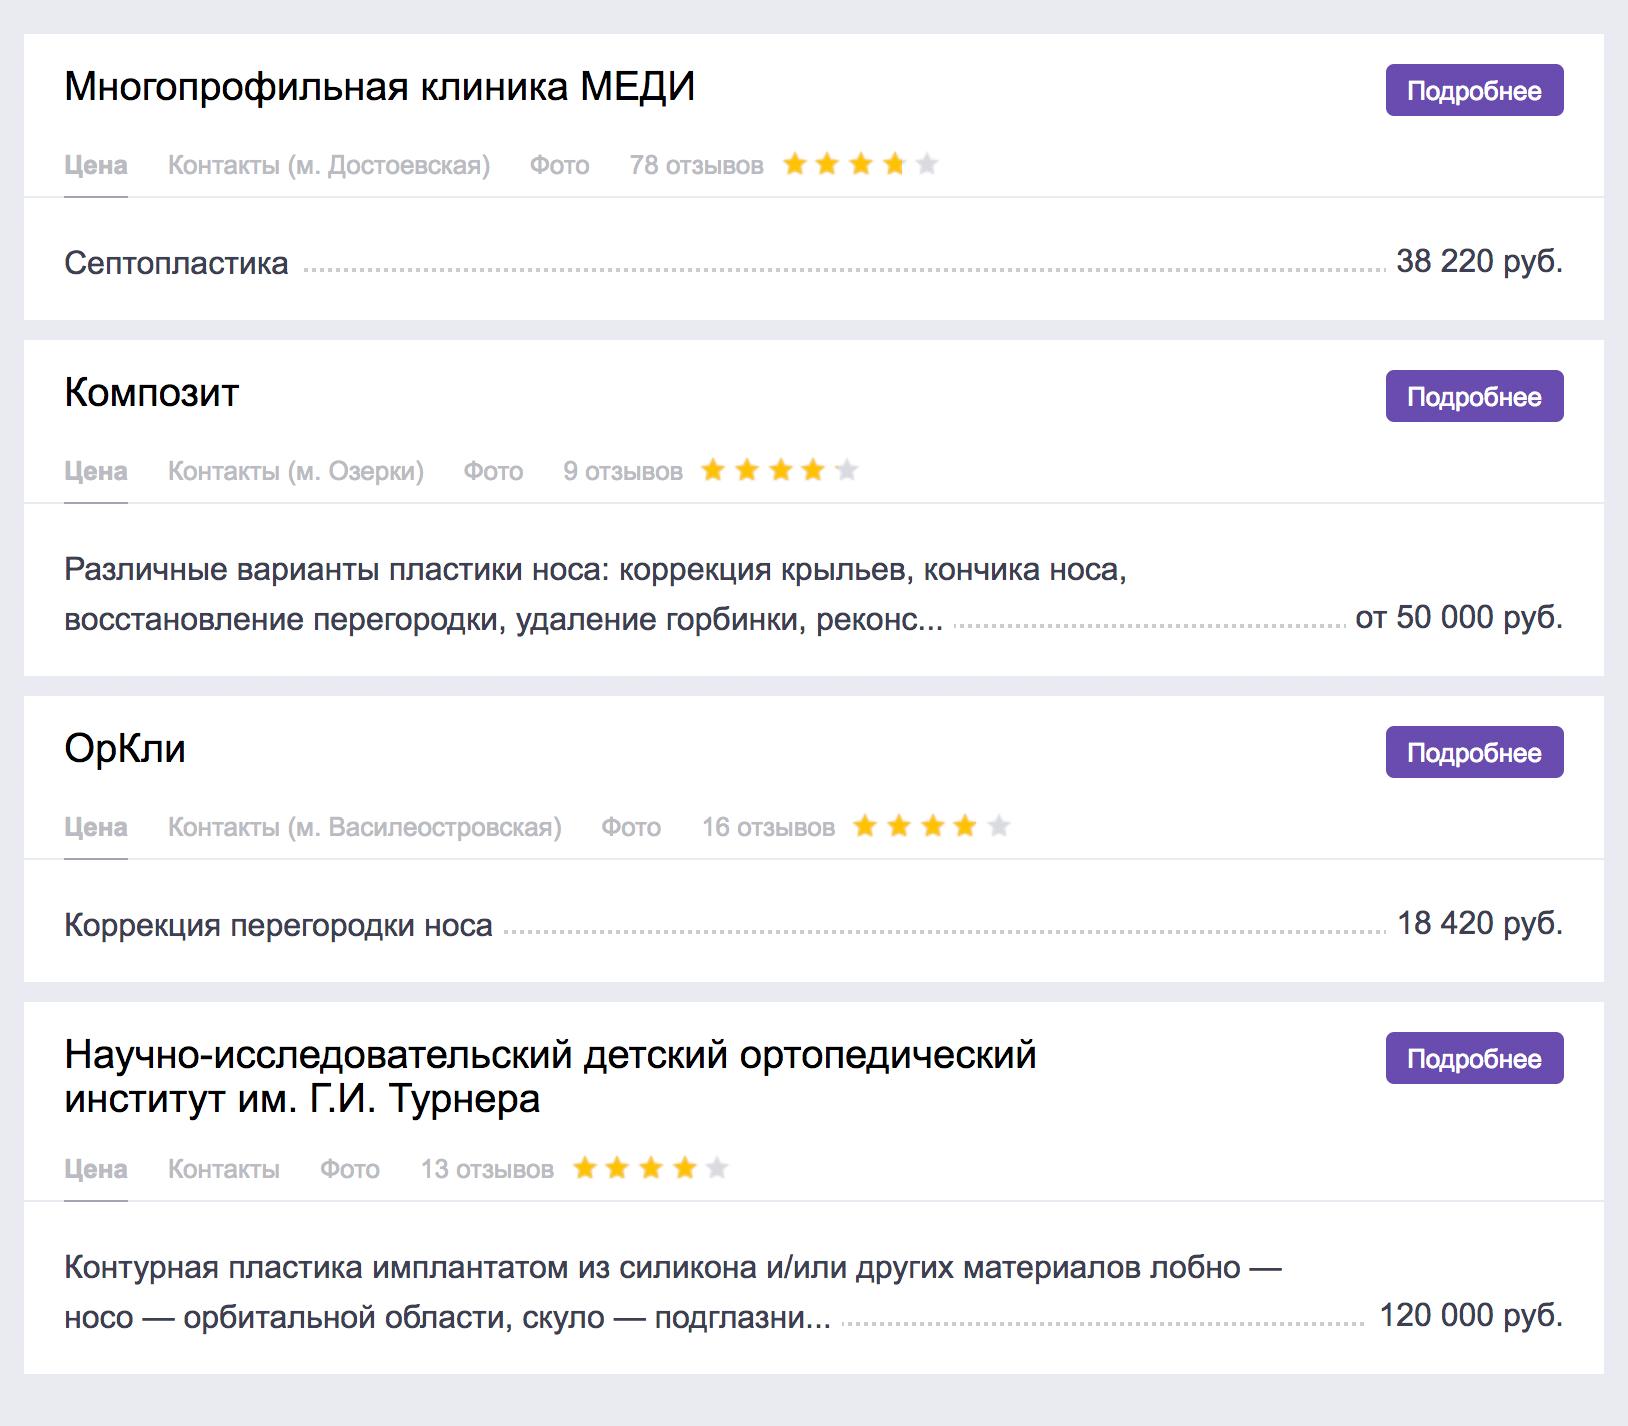 Цены на септопластику в частных клиниках Москвы. Источник: zoon.ru